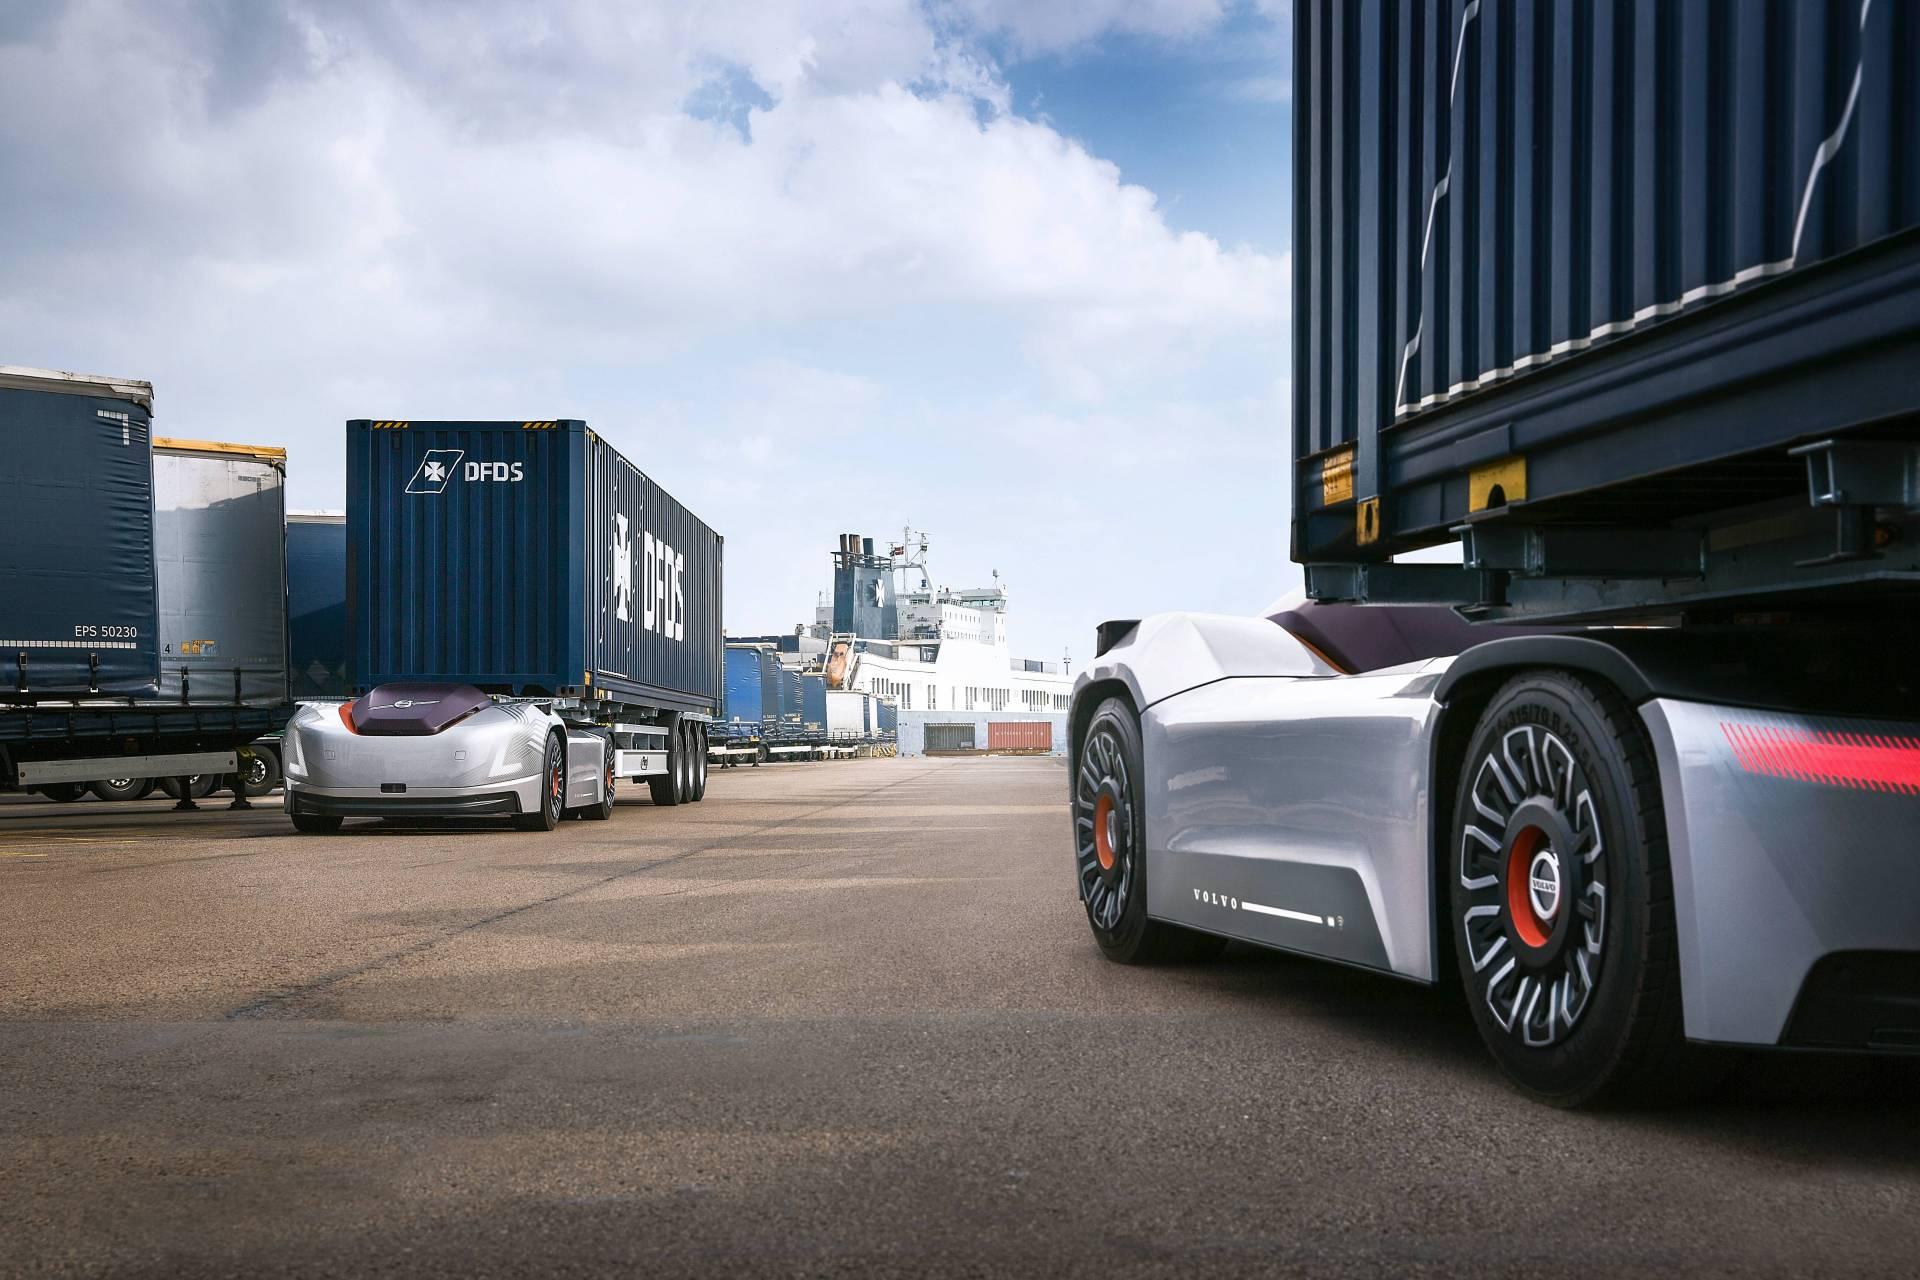 Самовозечки камиони на Volvo превезуваат бродски контејнери во Шведска / ВИДЕО